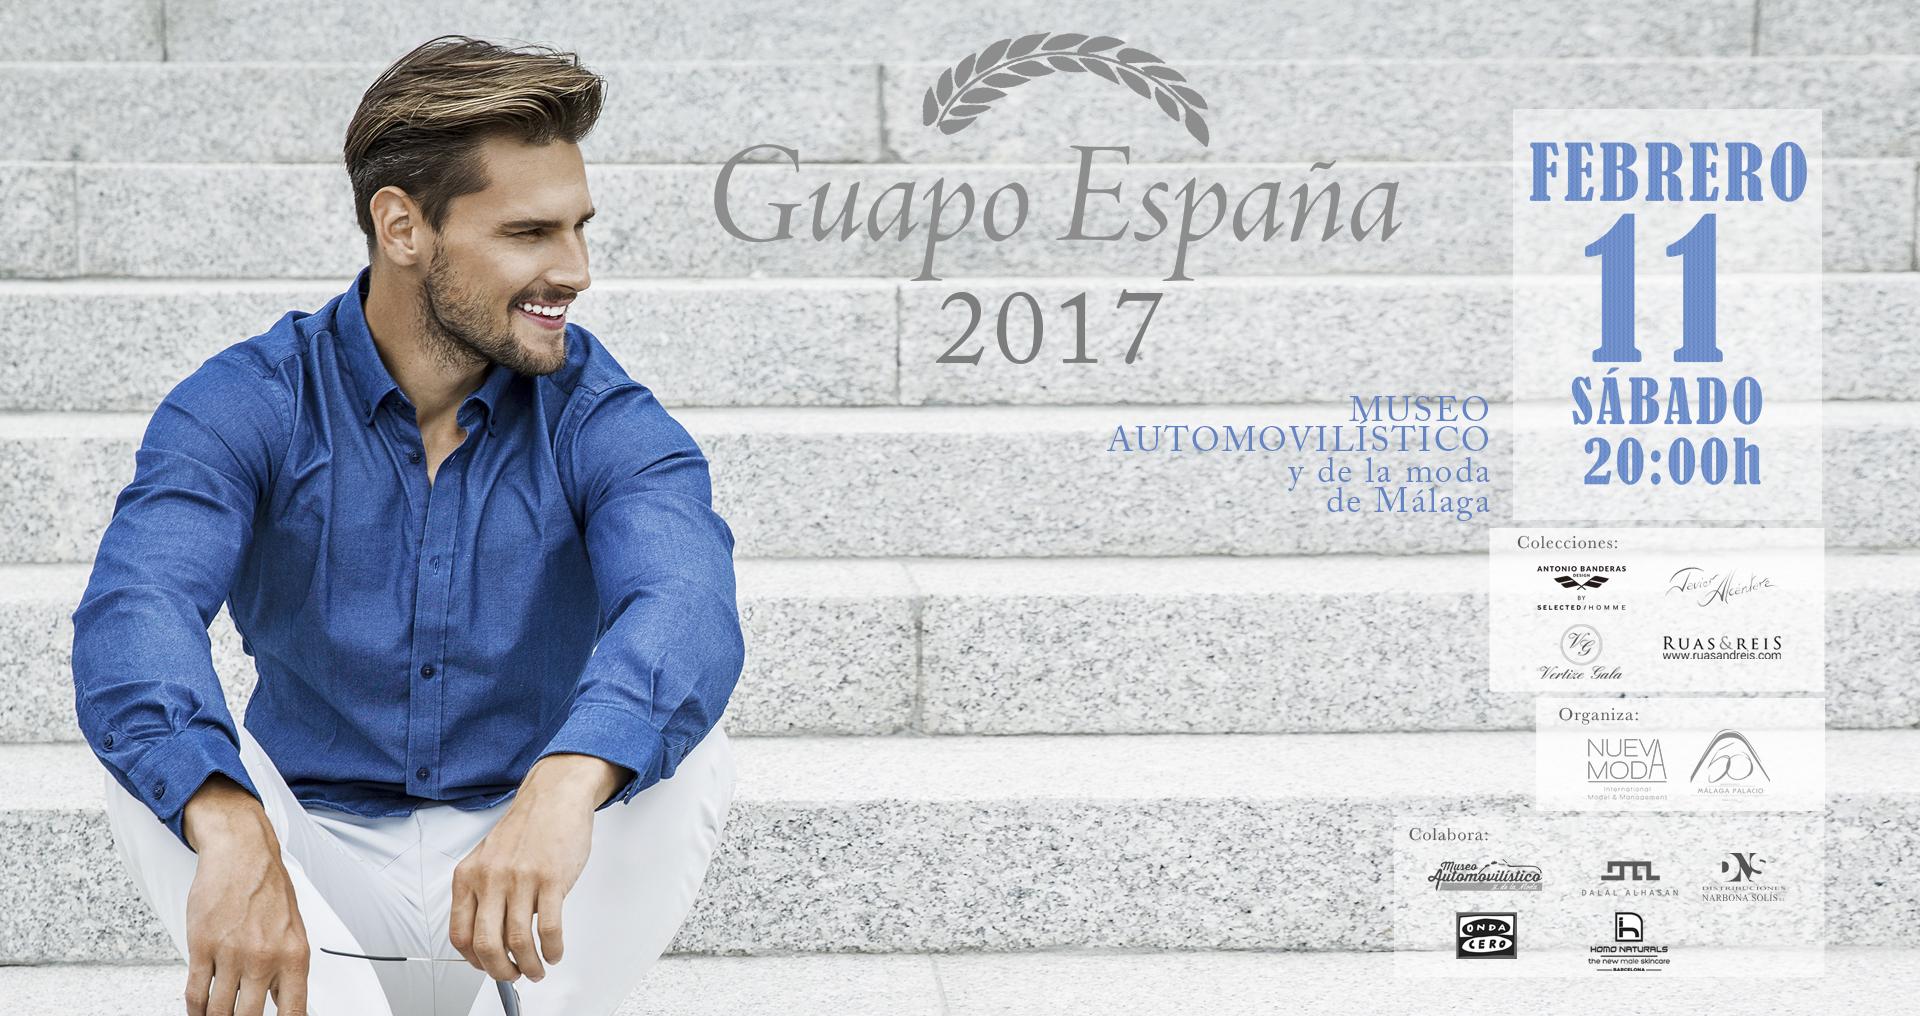 El MAM acogerá la gala Guapo España el próximo sábado, 11 de febrero ¡VENTA ENTRADAS ONLINE!